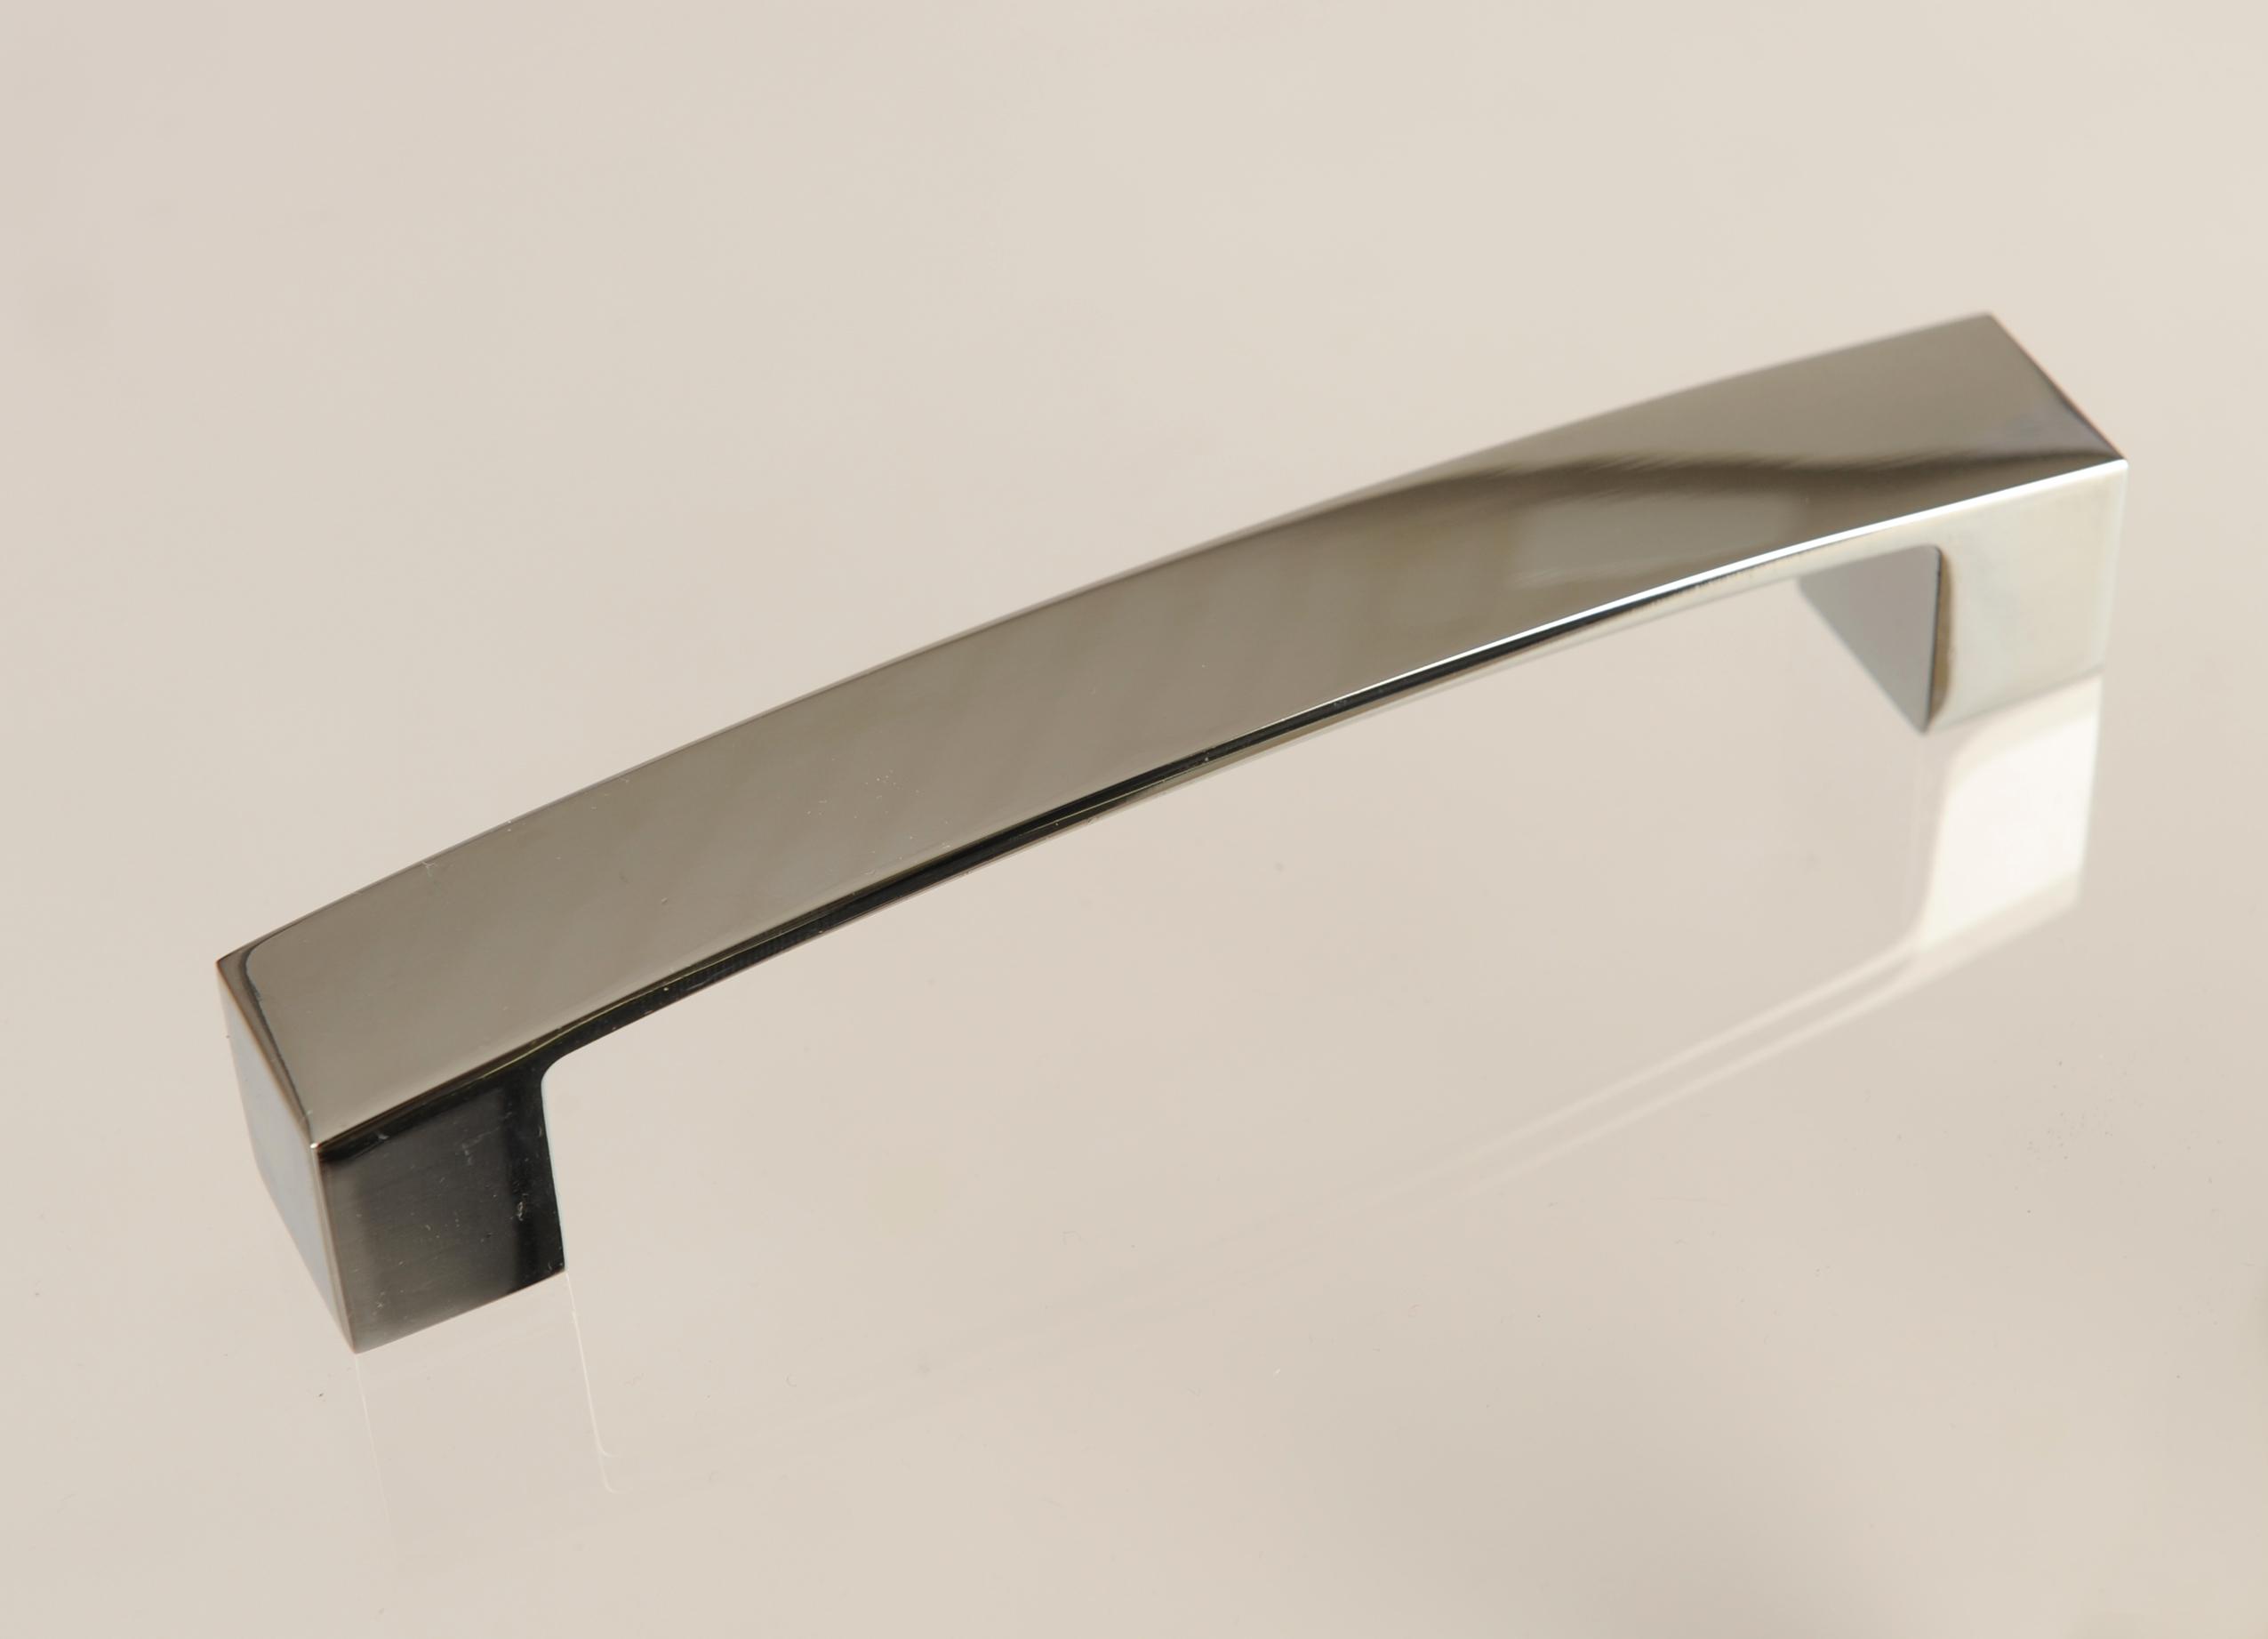 moderner griff griffe m belgriff m belgriffe st01 128mm 416mm ba chrom so. Black Bedroom Furniture Sets. Home Design Ideas